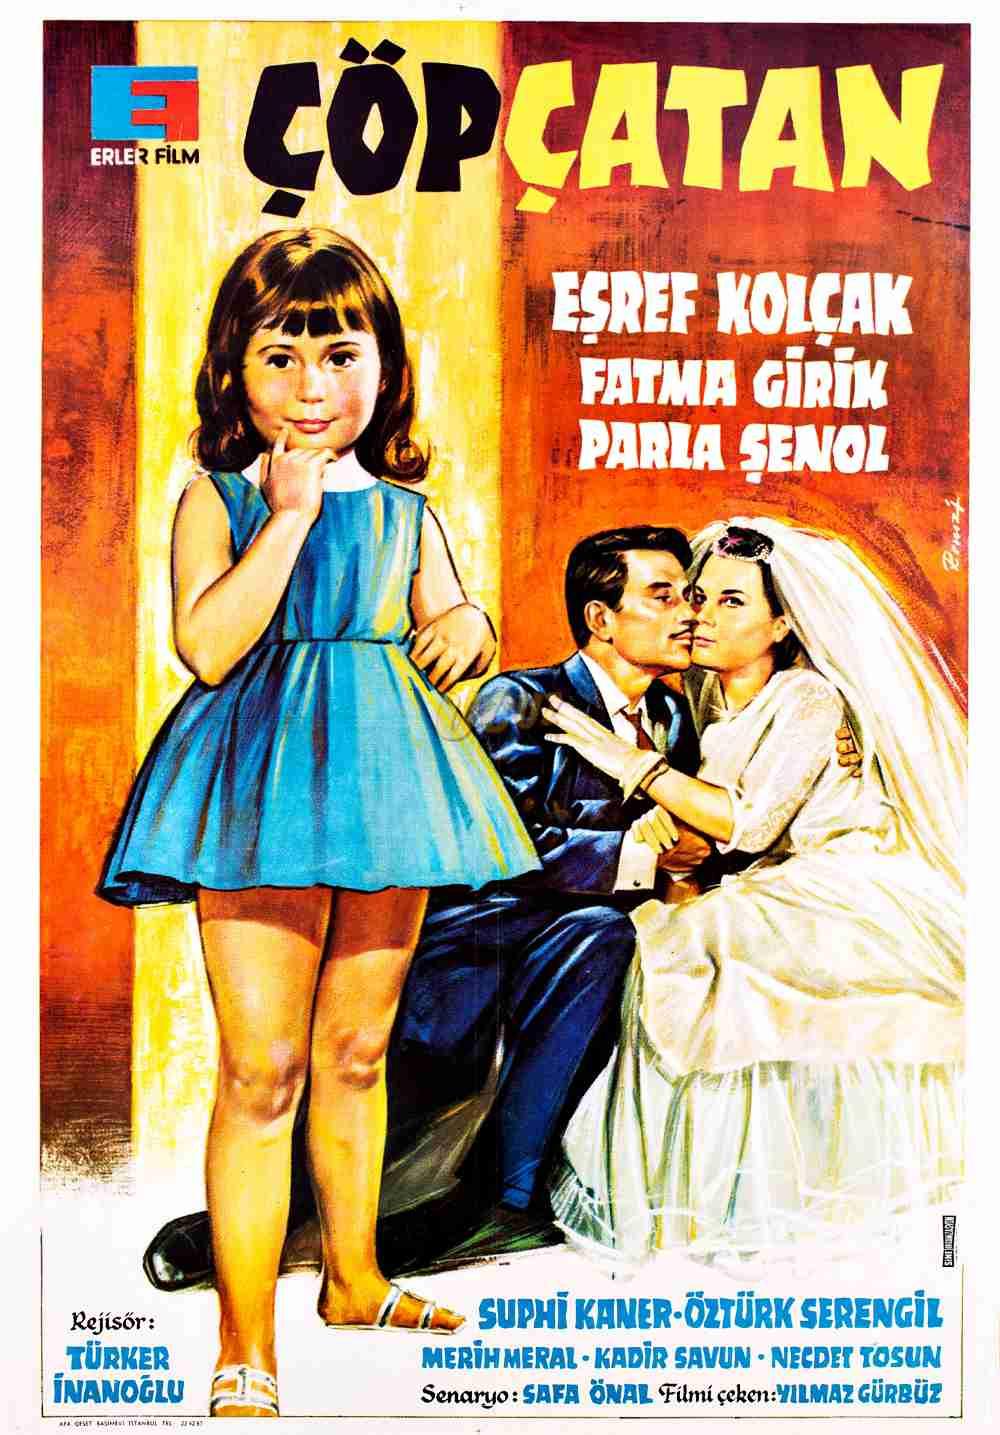 copcatan_1962-2